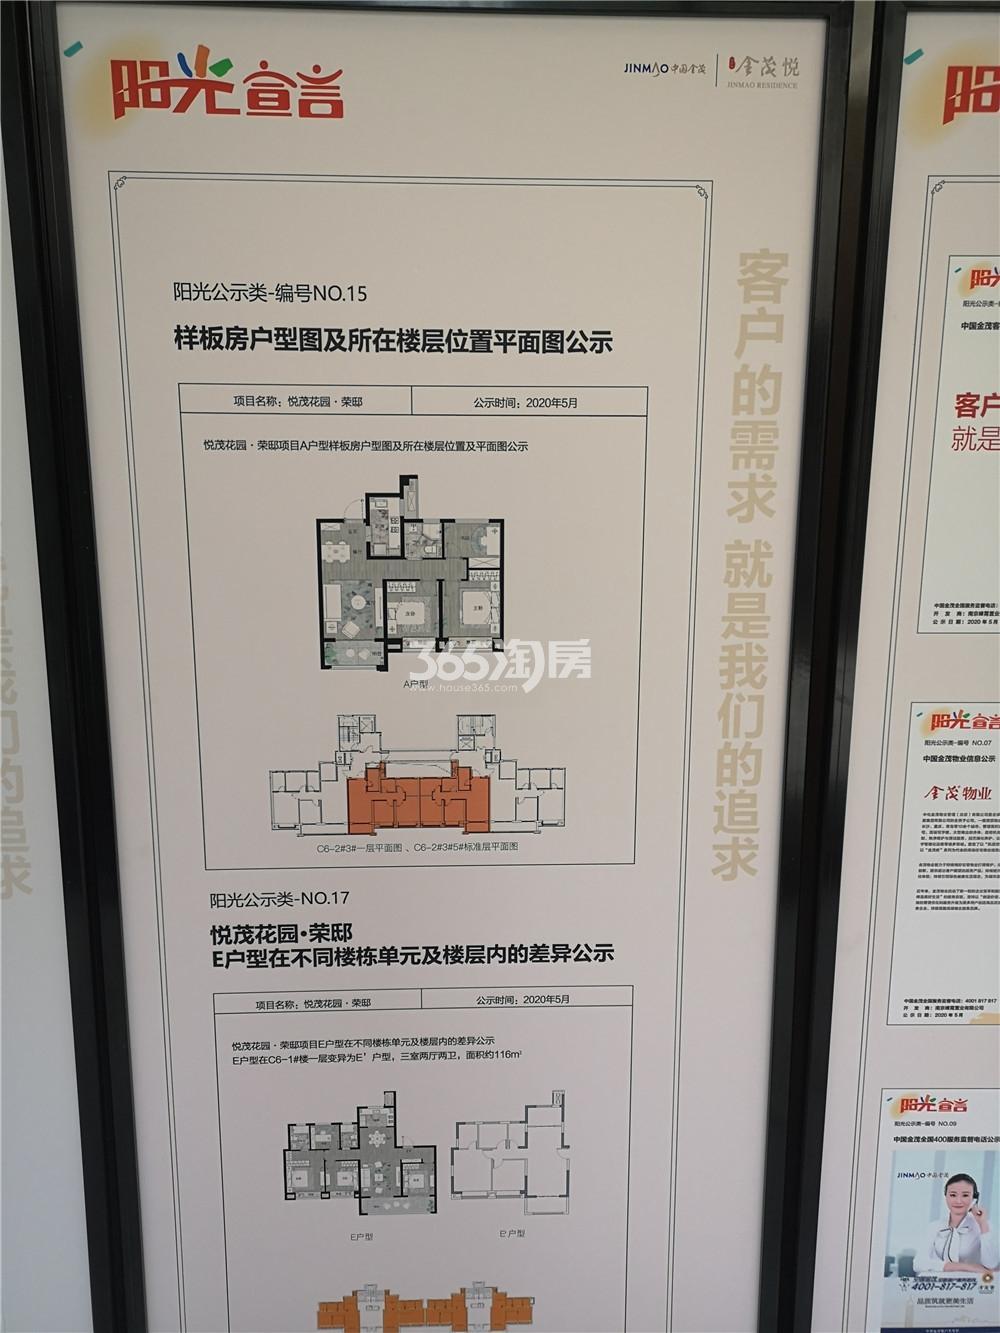 扬子江金茂悦C6地块楼层平面图